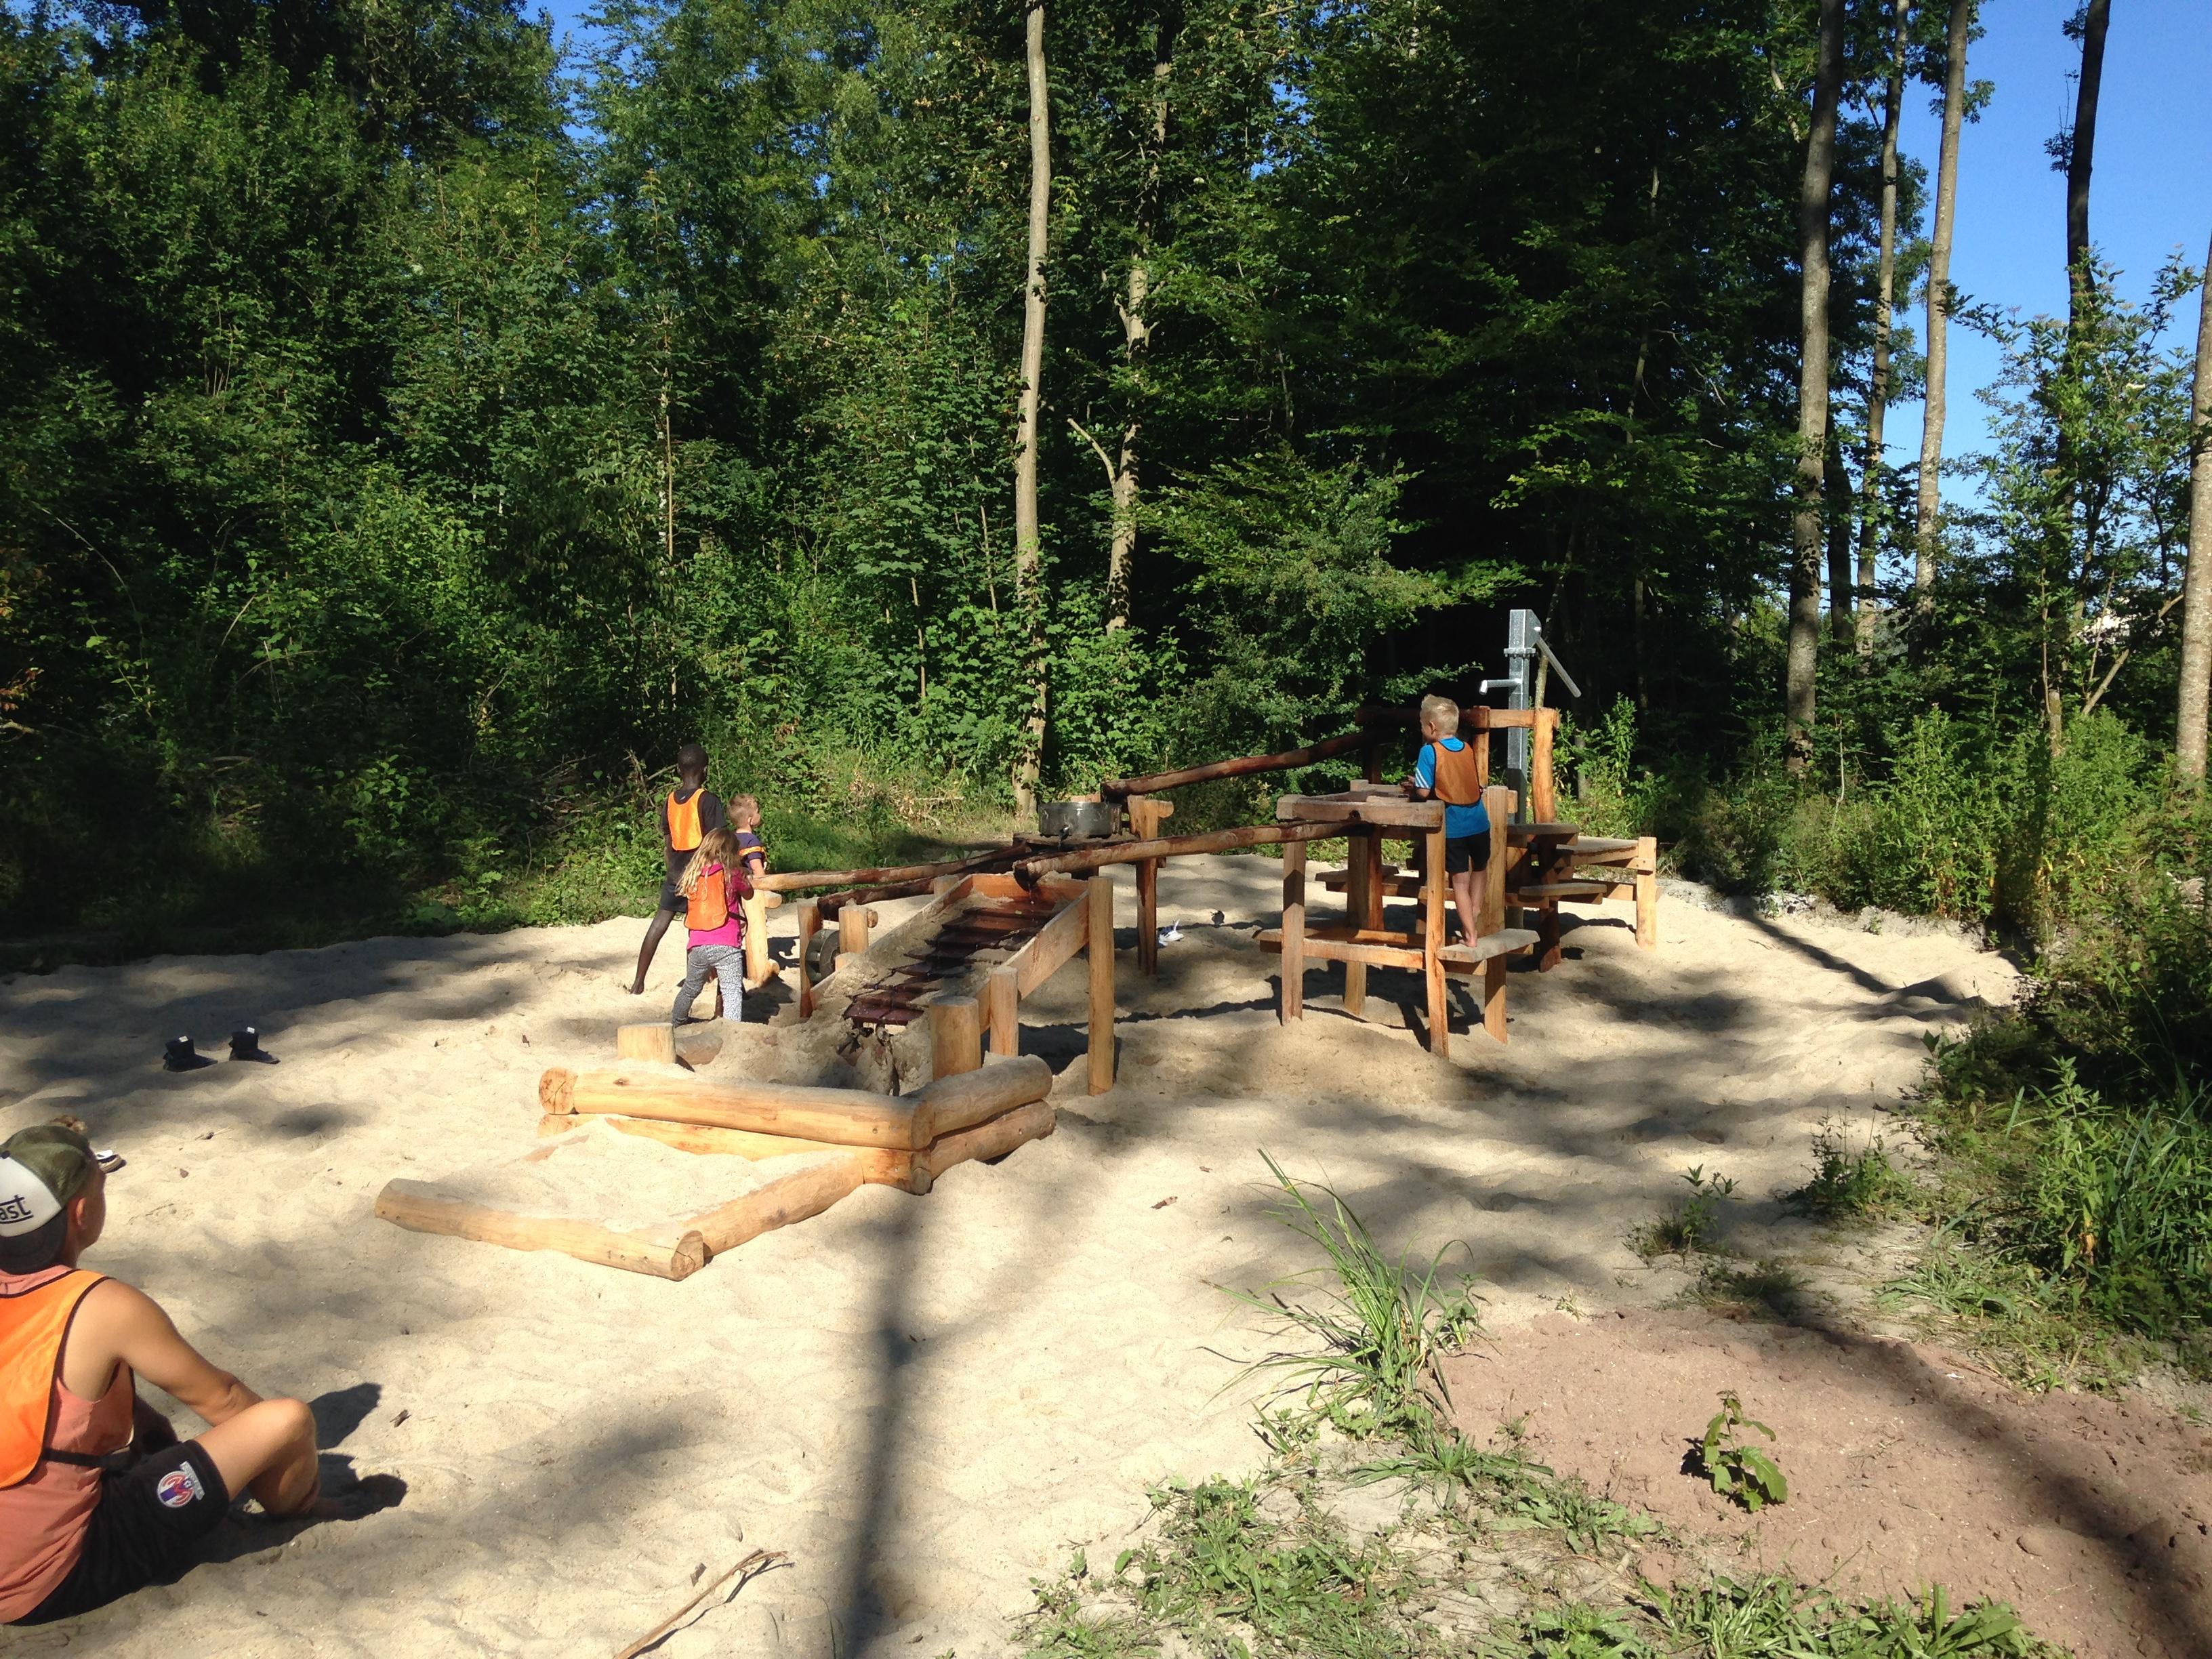 Het eerste nieuwe speeltoestel, een stoere waterpomp, is reeds geïnstalleerd. (aangeleverde foto)